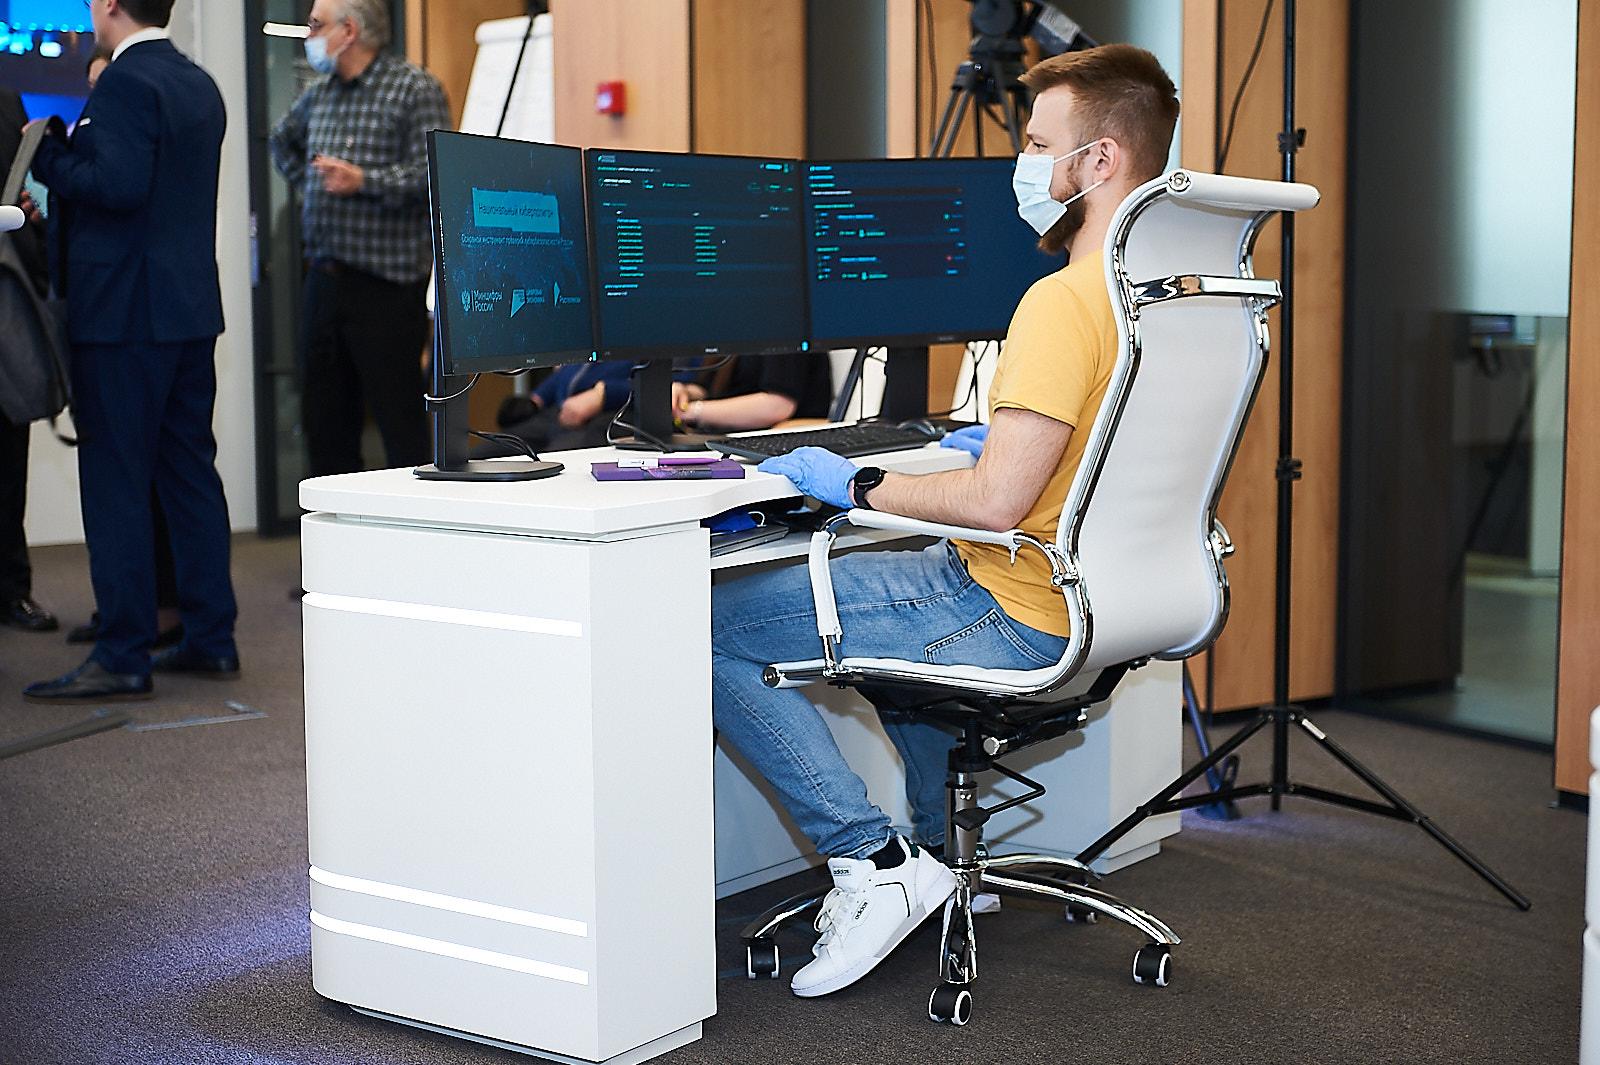 Дмитрий Чернышенко: на пяти киберполигонах пройдут учения в 2021 году